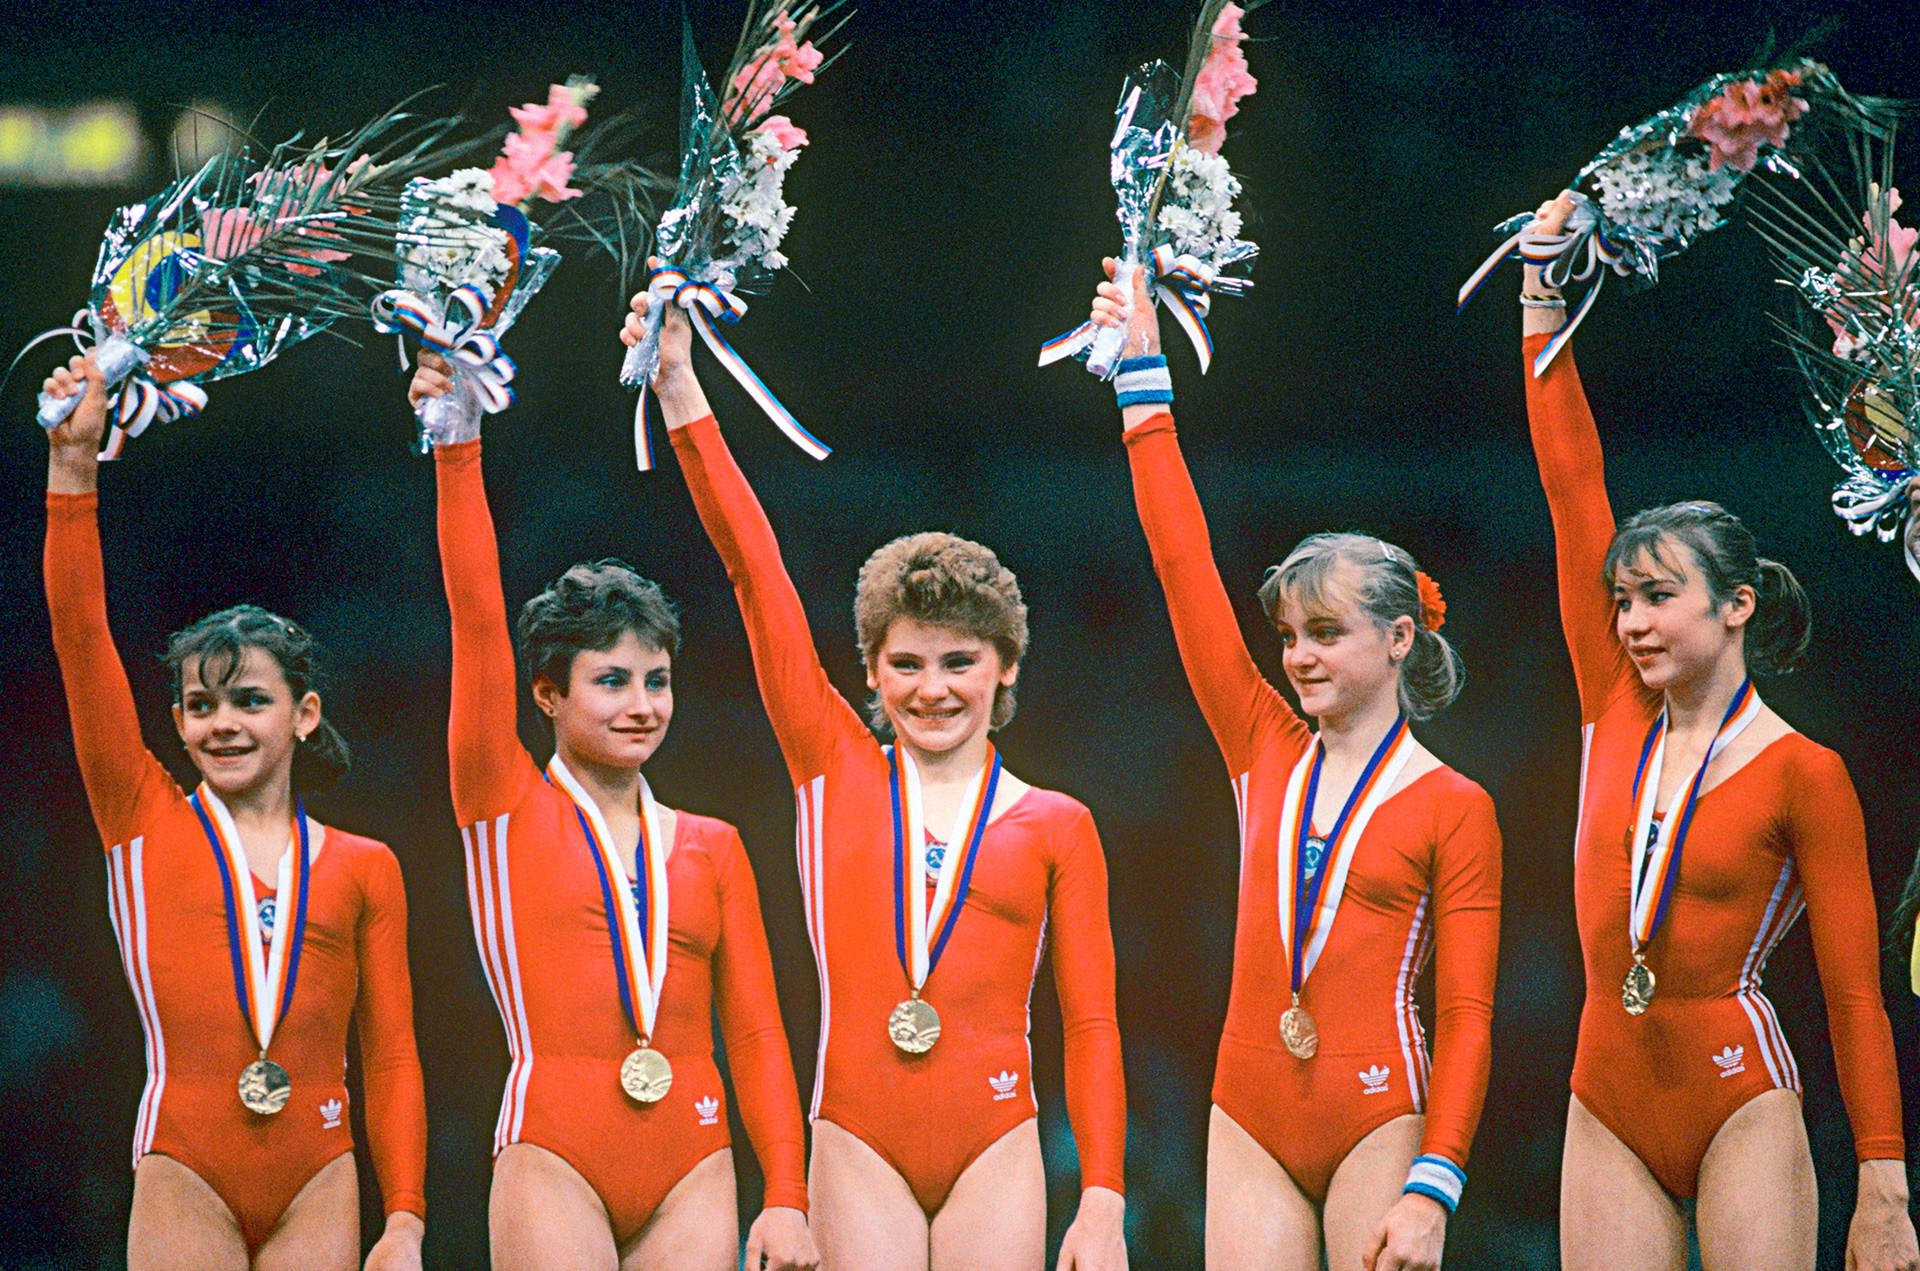 Bei Olympia 1988 in Seoul errangen sowjetische Sportler 55 Goldmedaillen. Auf dem Bild: das Turnerinnen-Team der UdSSR